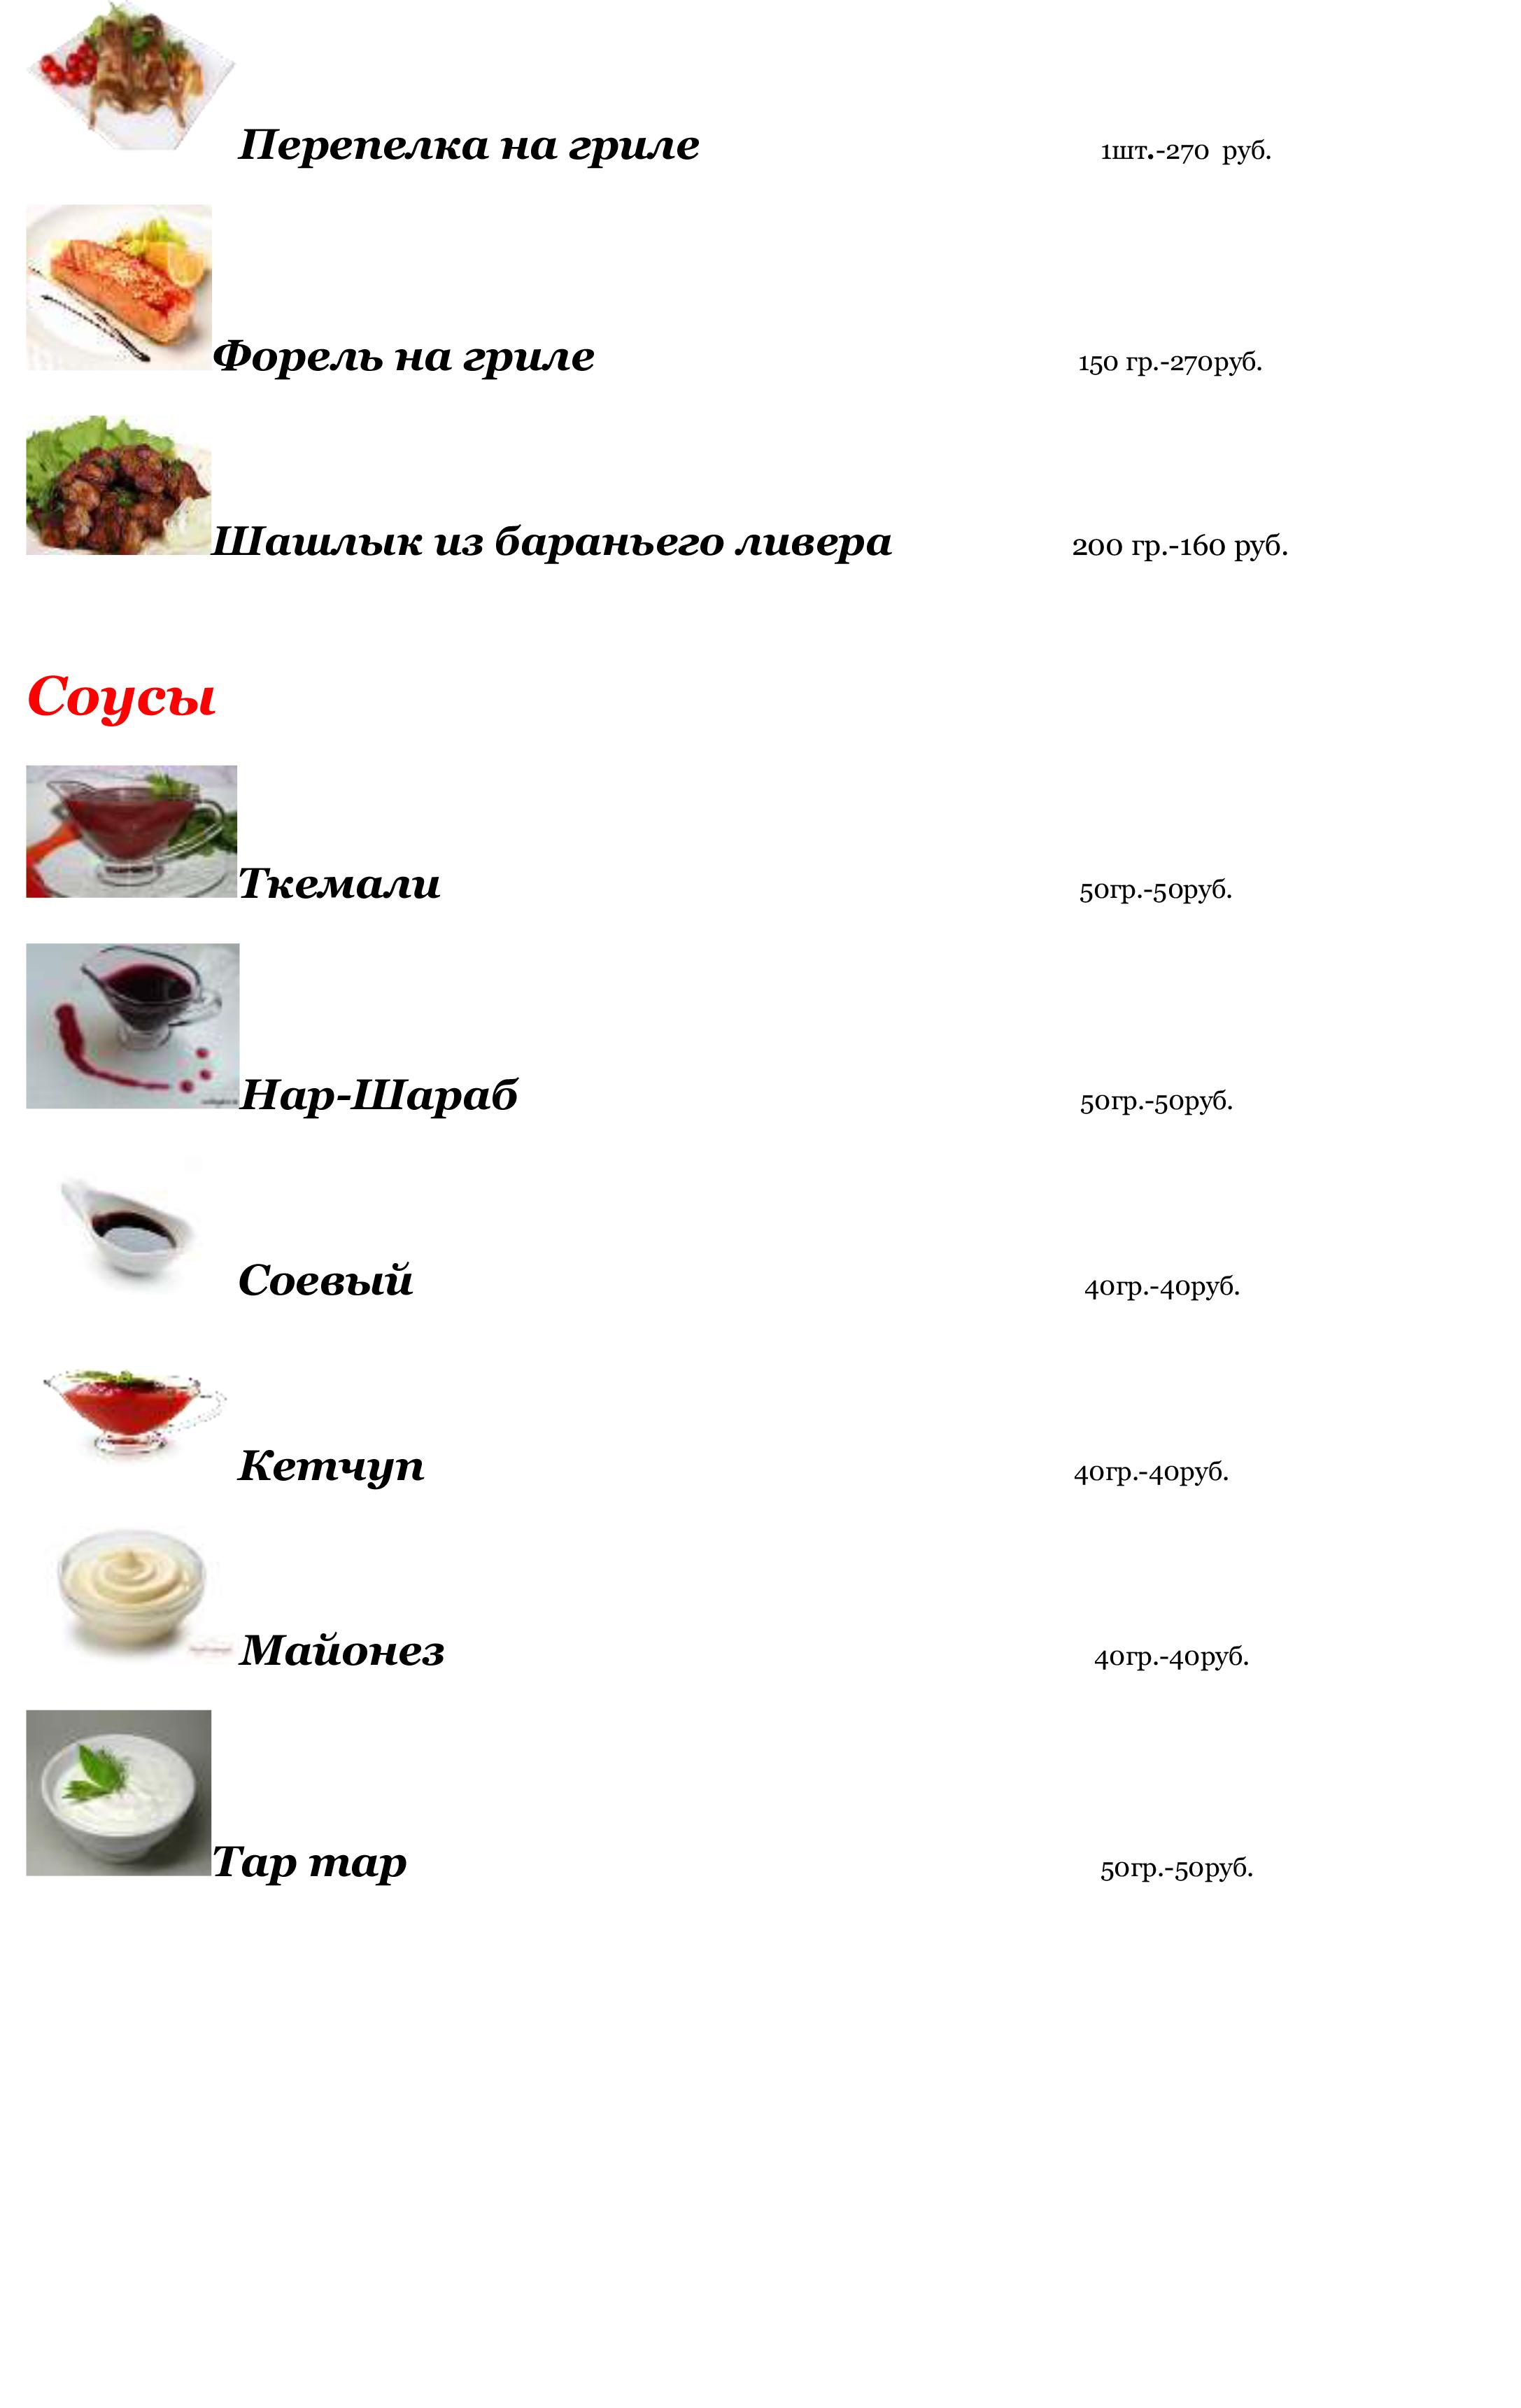 Меню кафе Сибирские луга 11